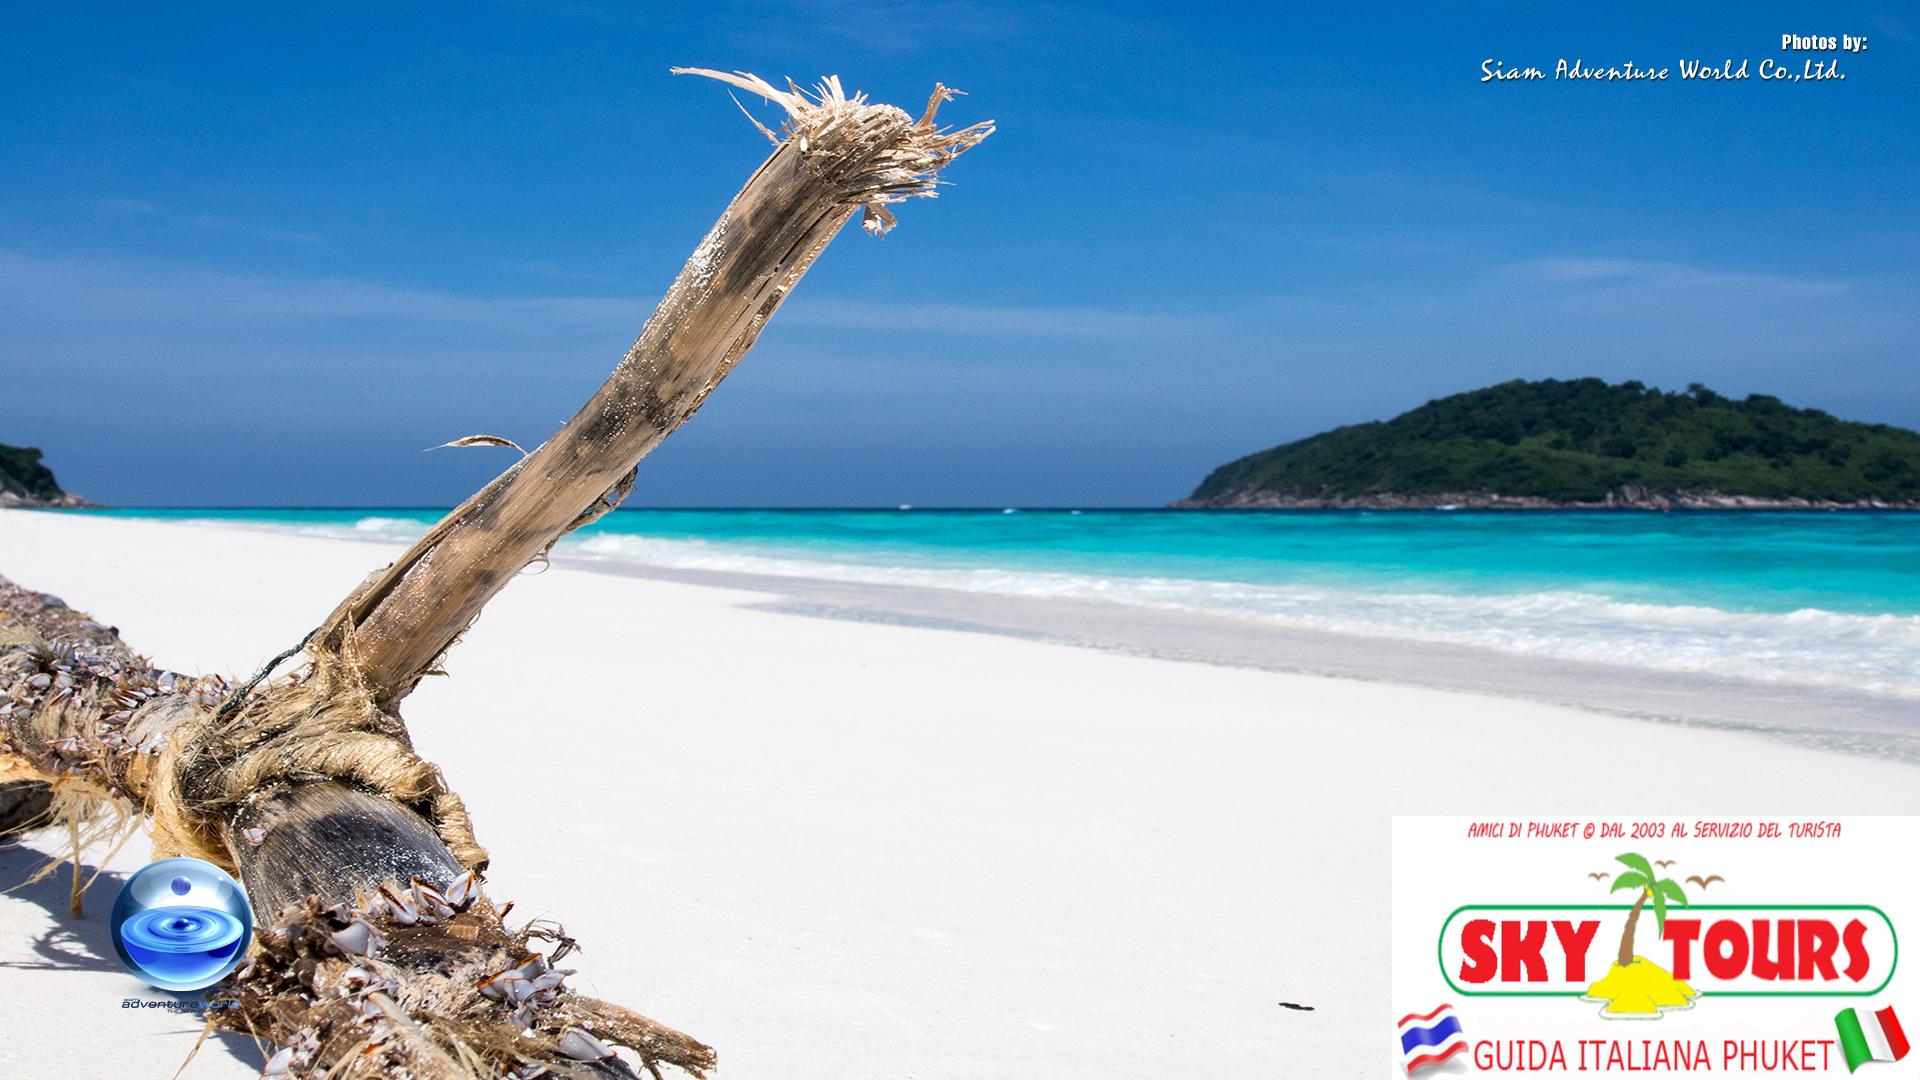 Giornale degli amici di phuket thailandia noi possiamo for Dormire a phuket